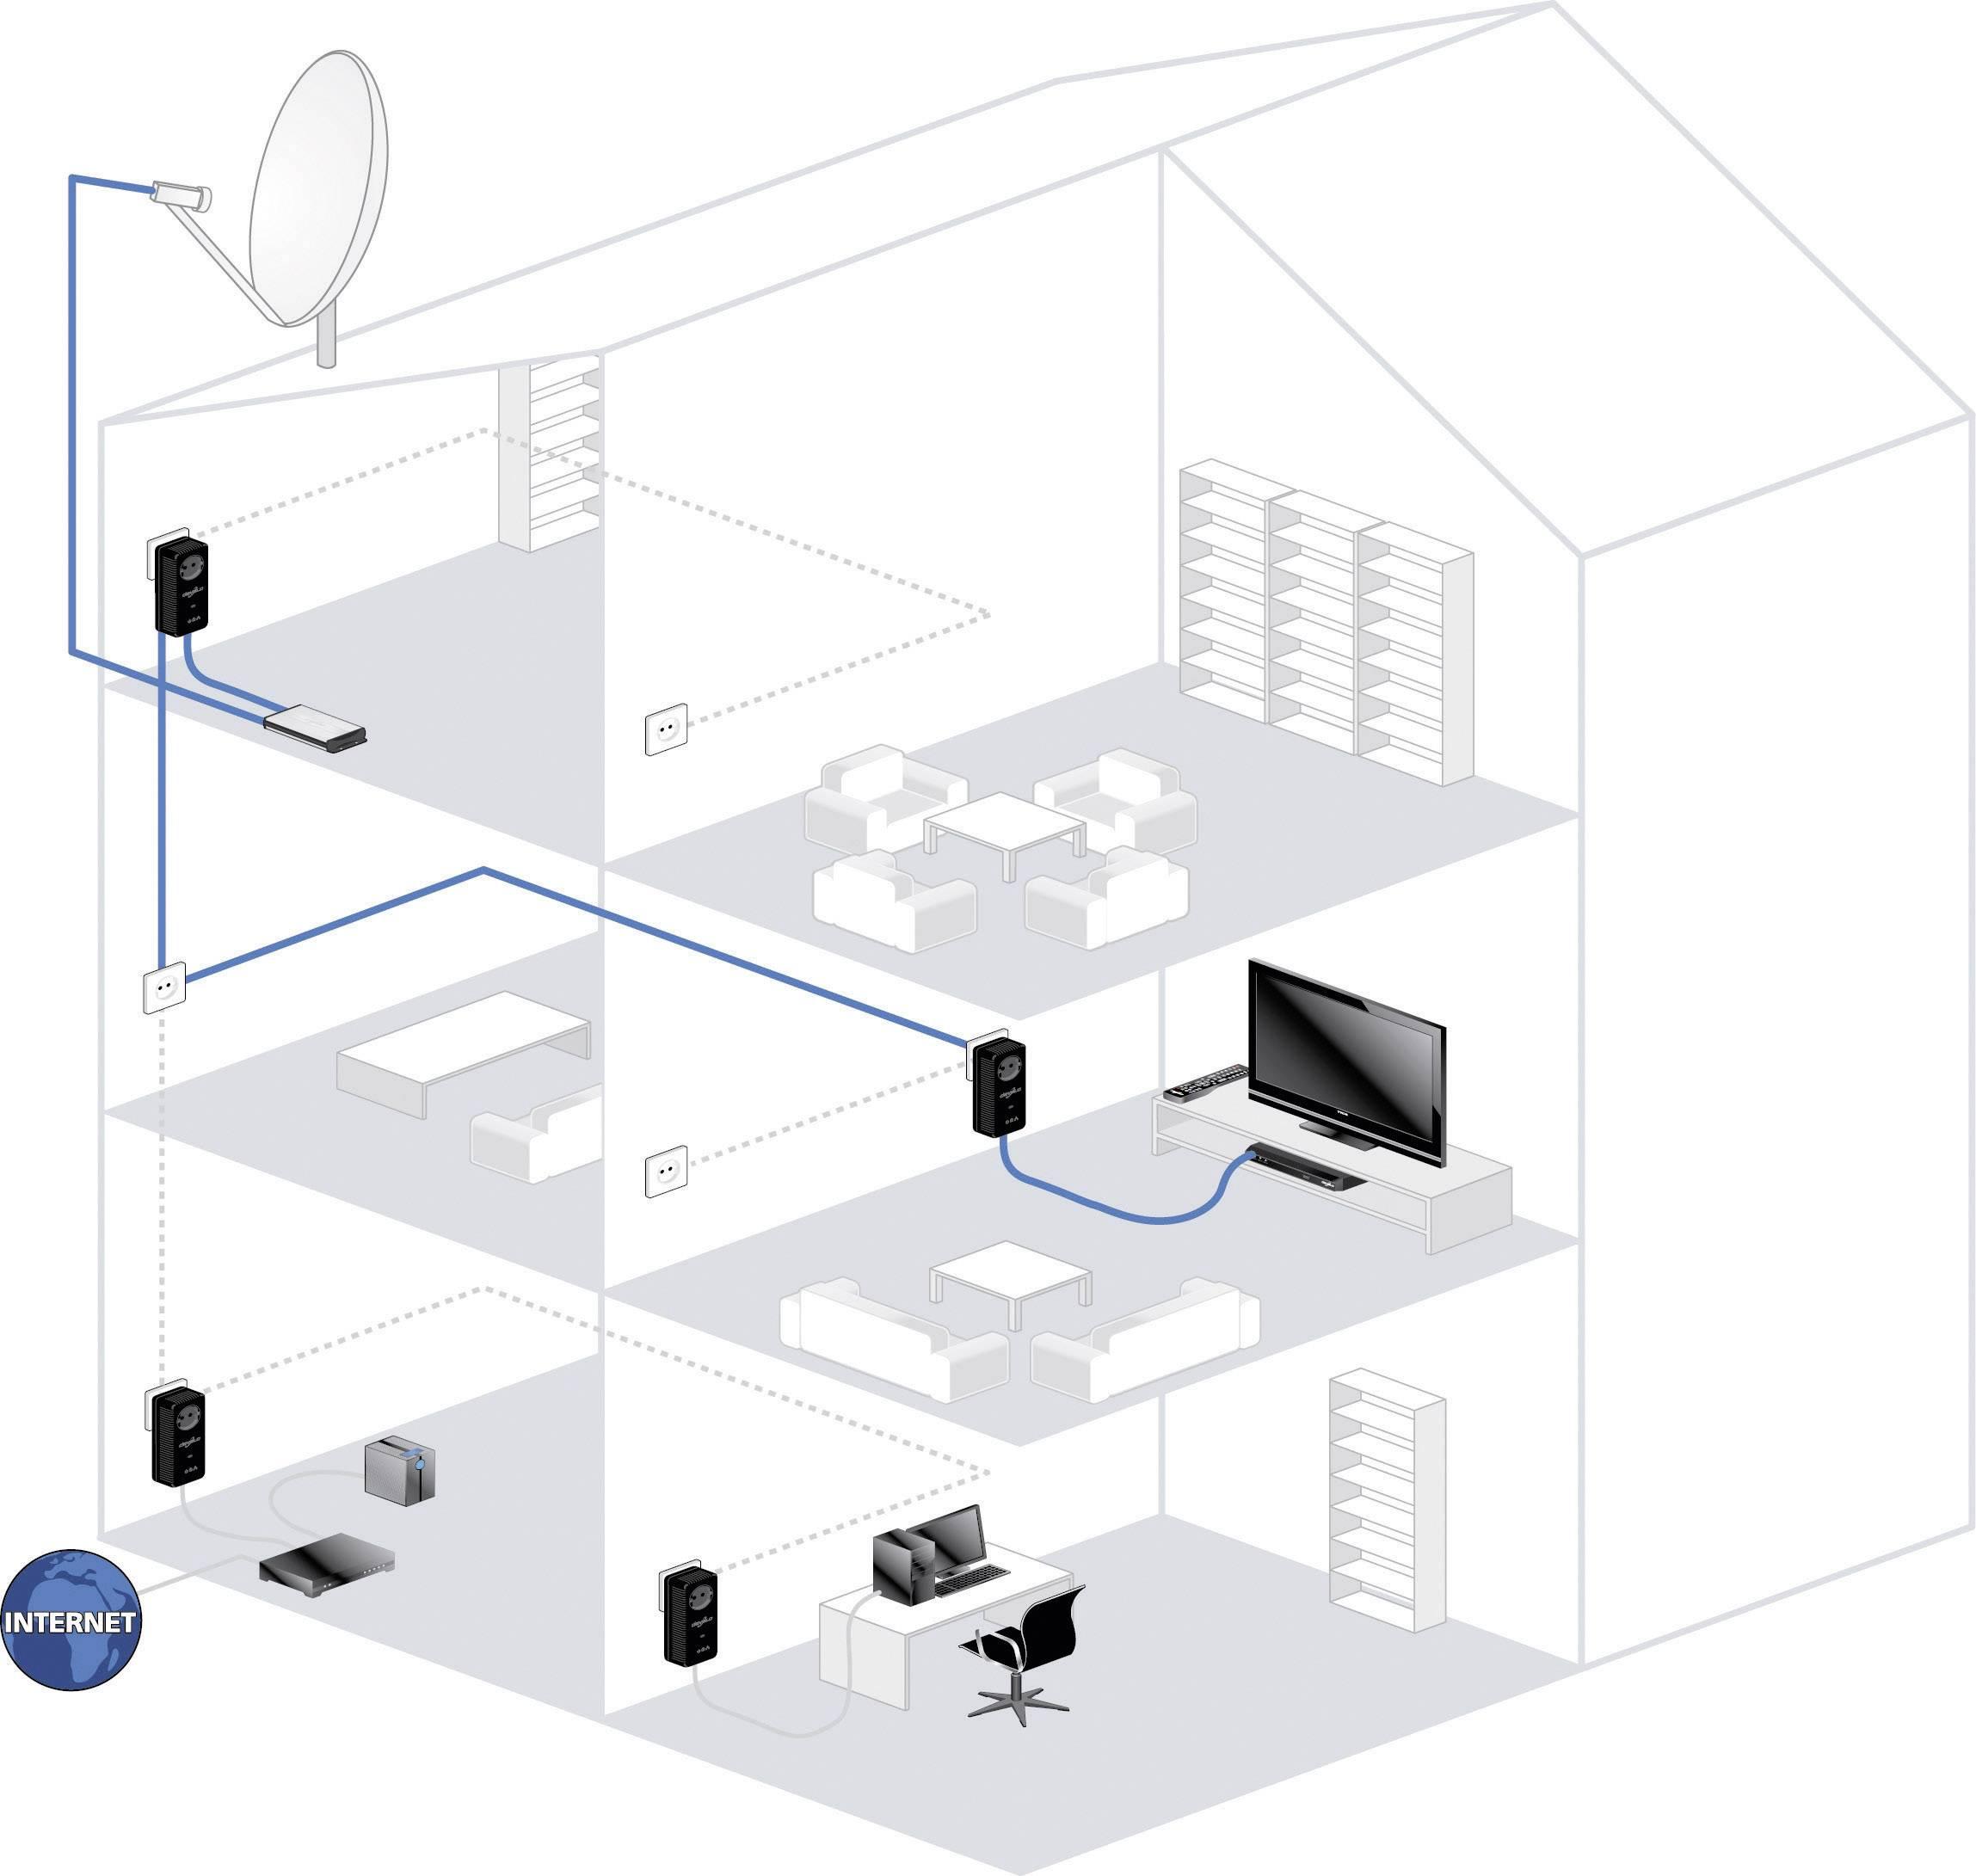 stromkabel verlegen norm affordable lgekhlte kabel mit cm die in die gesamte durchlaufen dieses. Black Bedroom Furniture Sets. Home Design Ideas